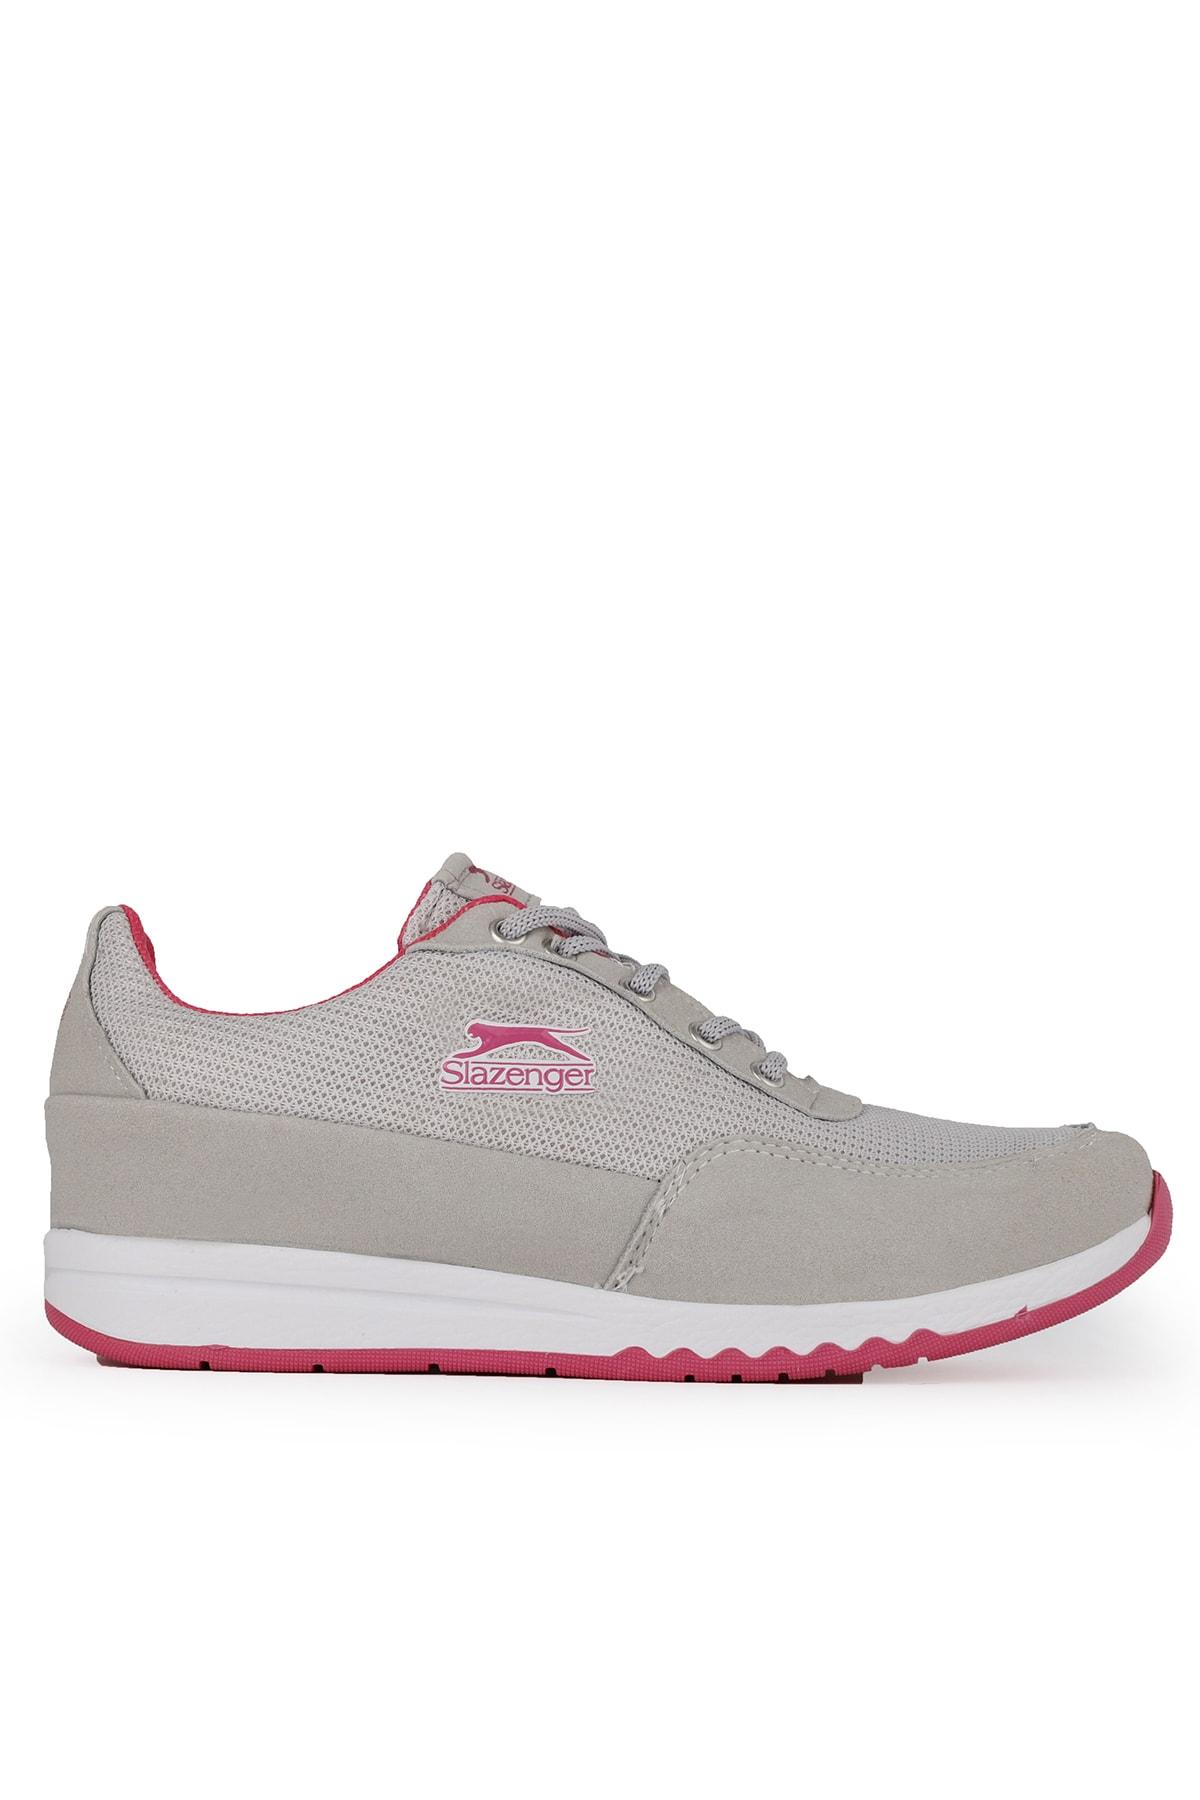 Slazenger Angle Günlük Giyim Kadın Ayakkabı Gri 1